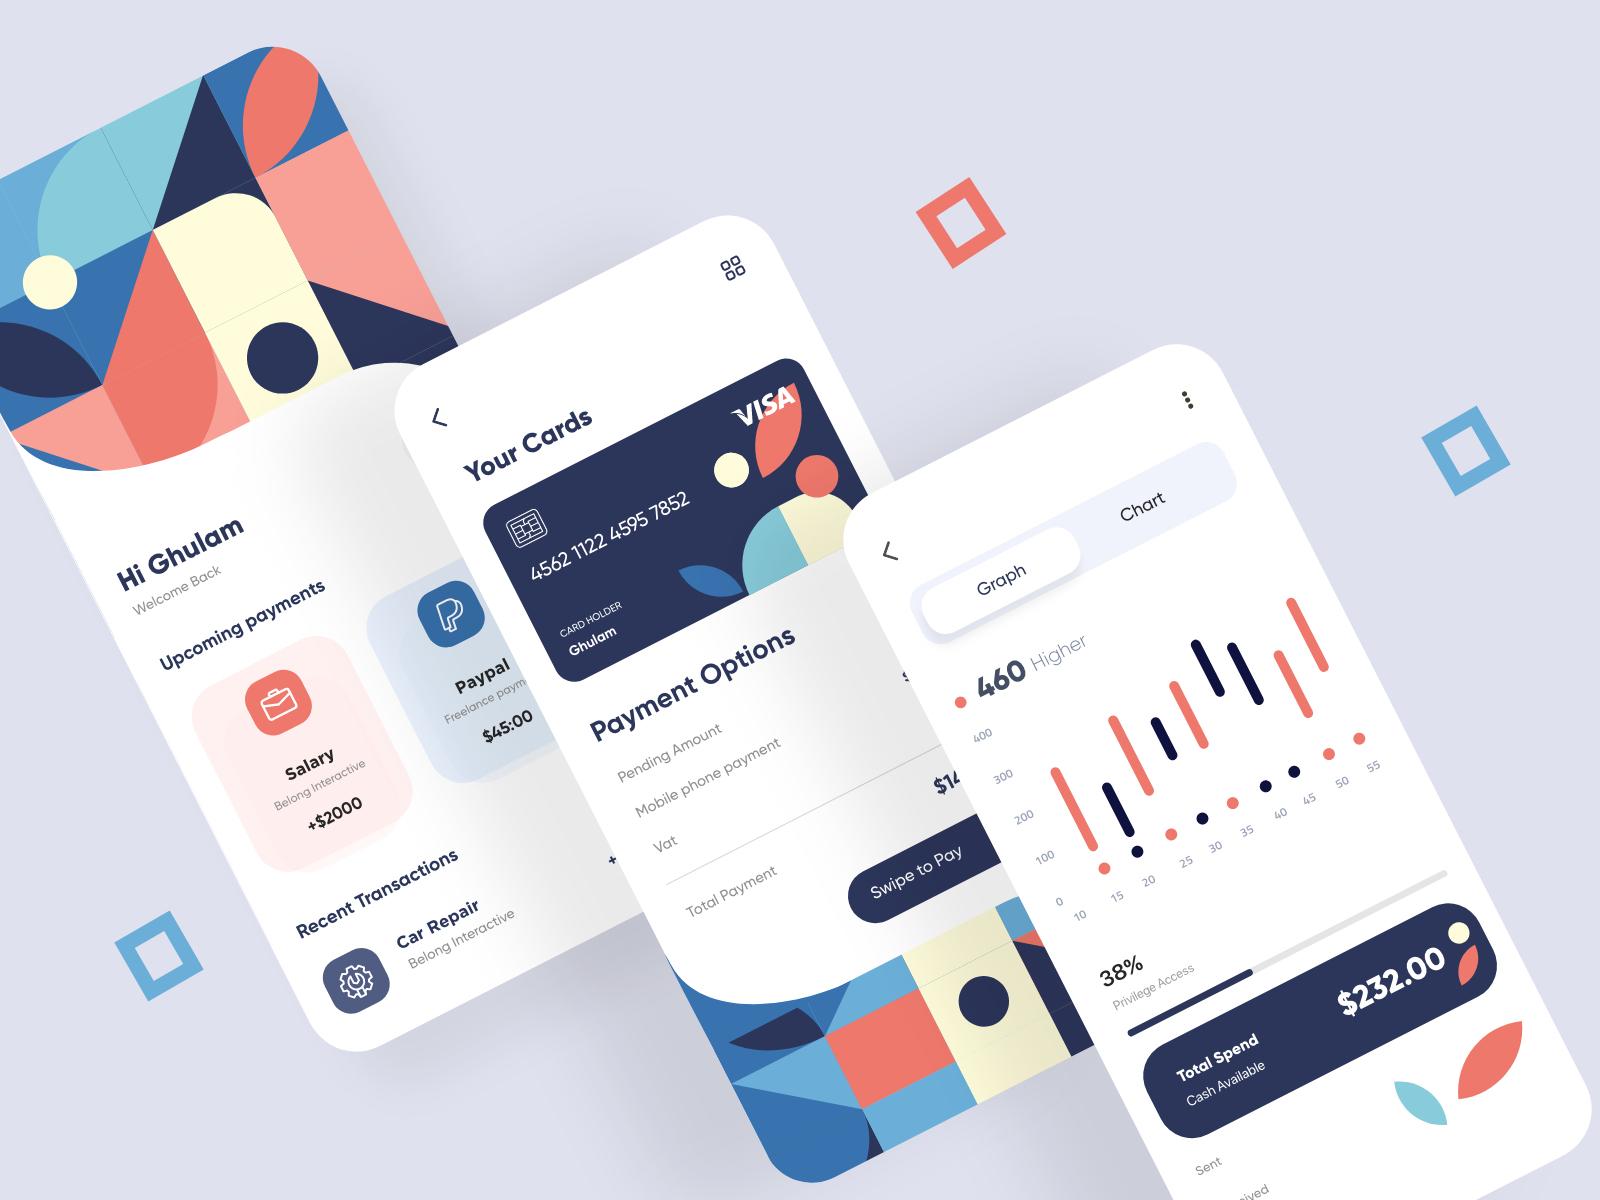 Mobile App Designing Tools